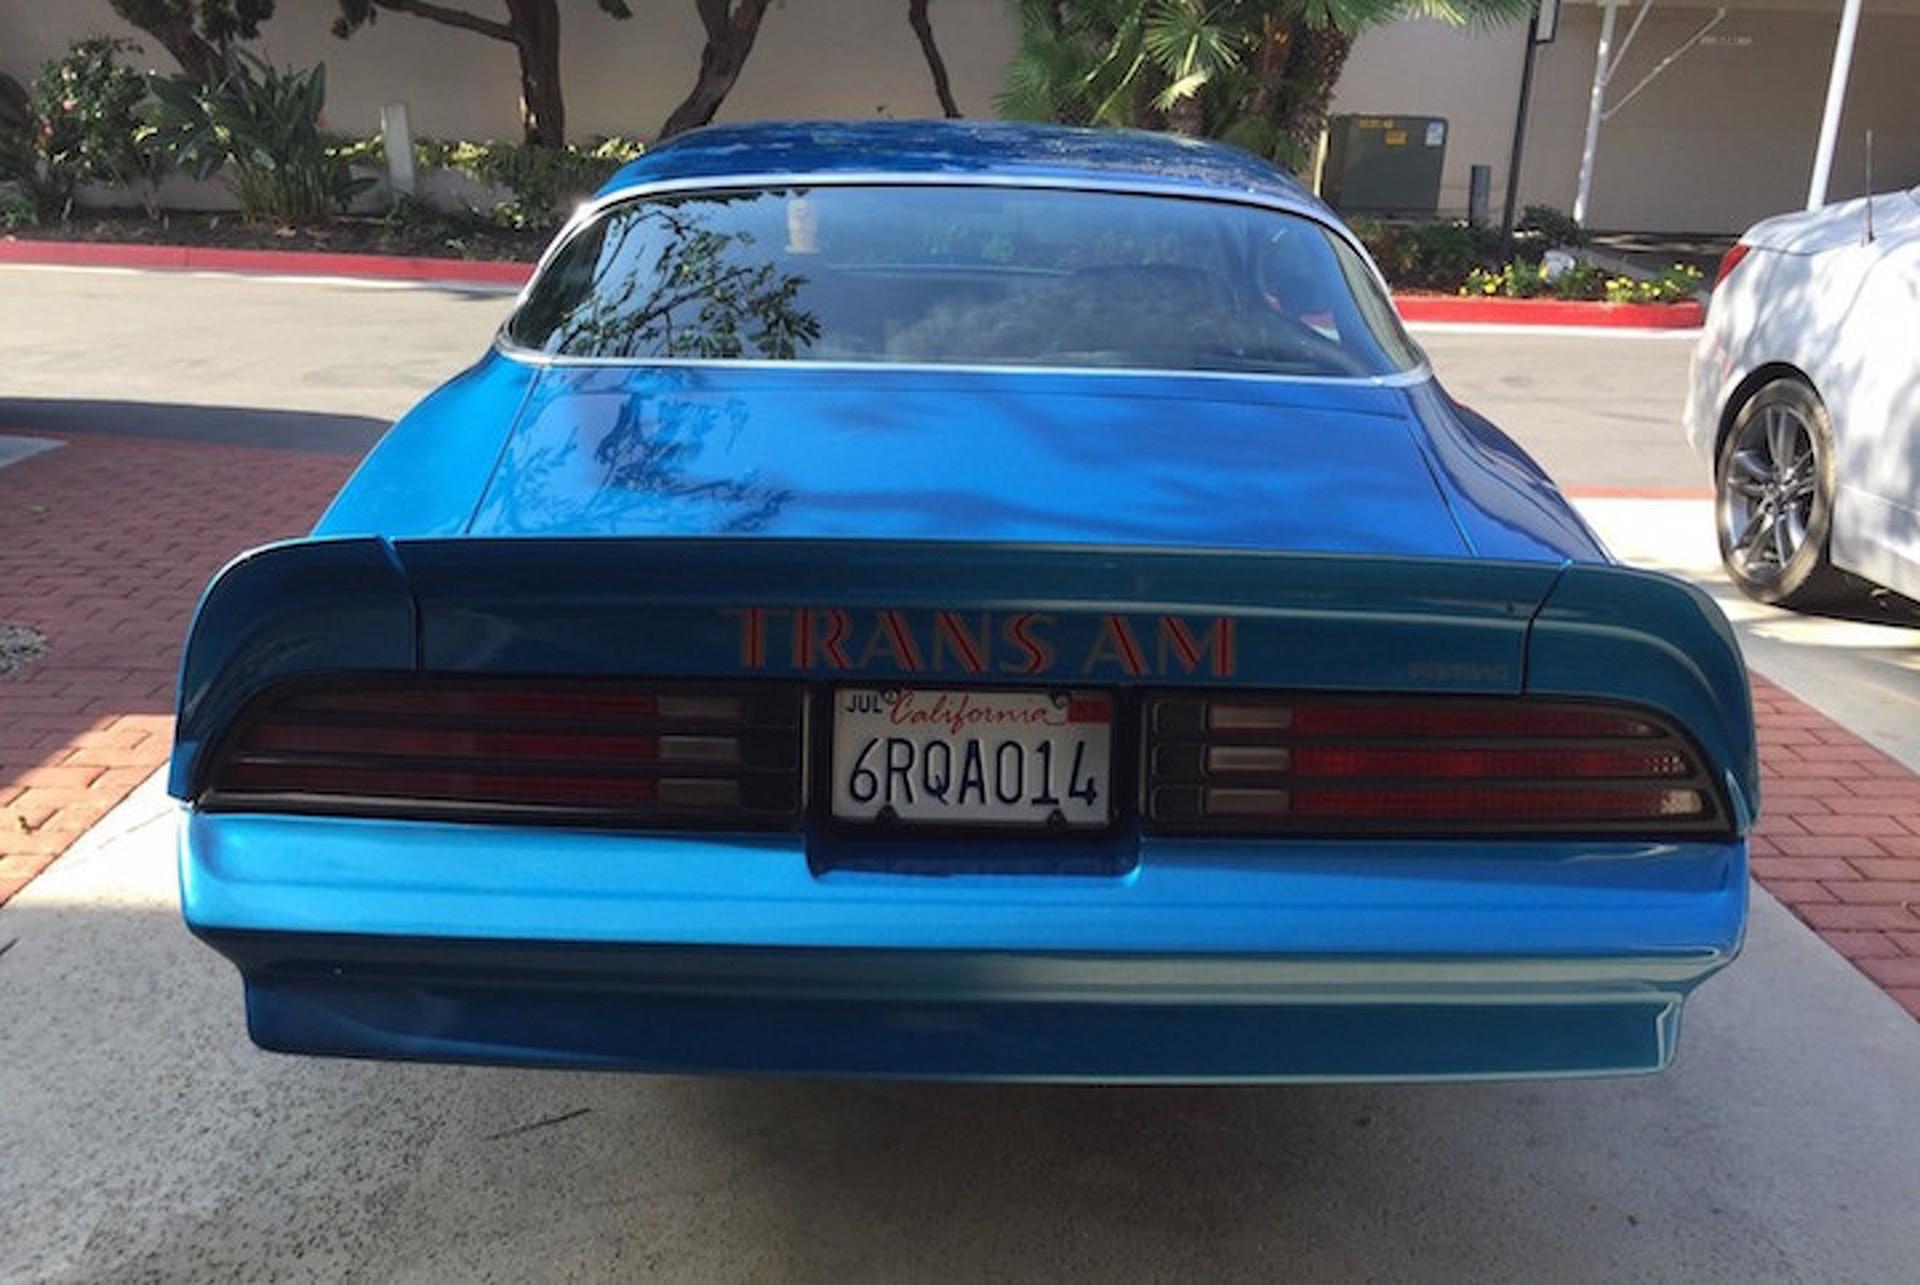 Brilliant Blue 1978 Pontiac Trans Am Needs A New Home 1975